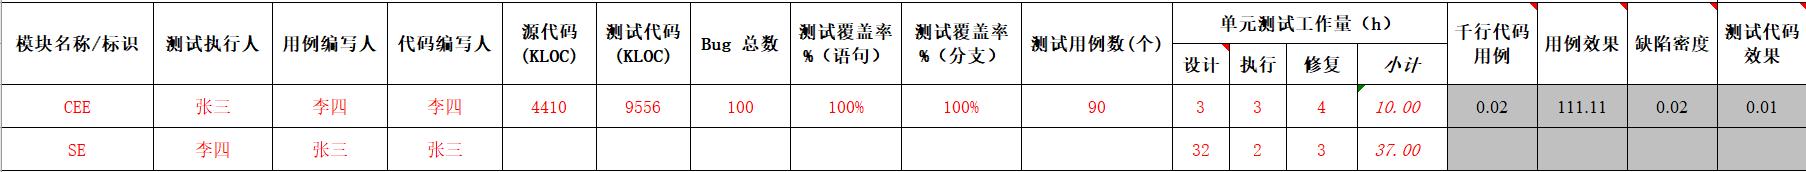 单元测试数据收集表